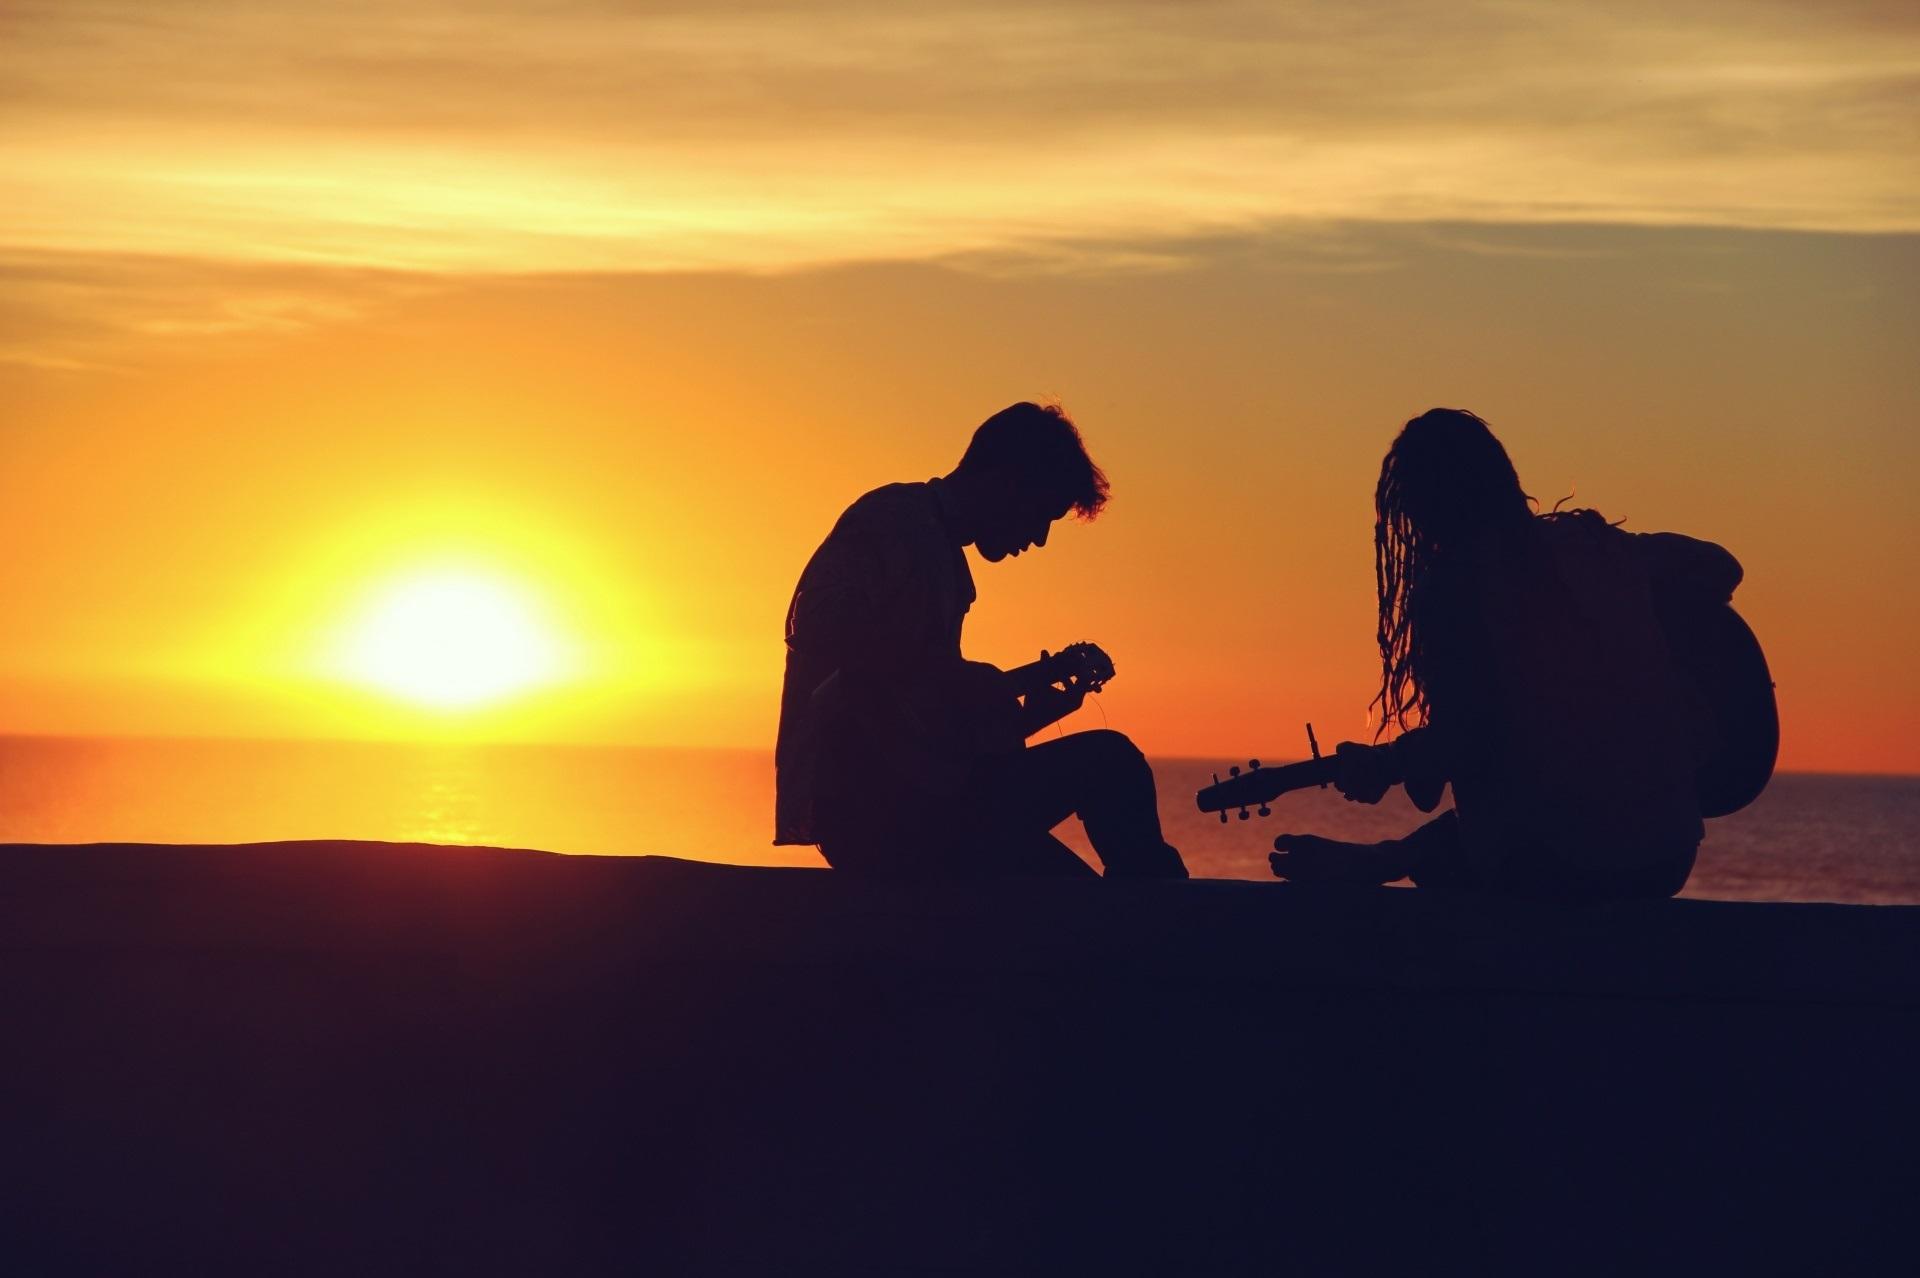 شادی: پہلیڈیٹ میں شادی کی بات بلکل نہ کریں